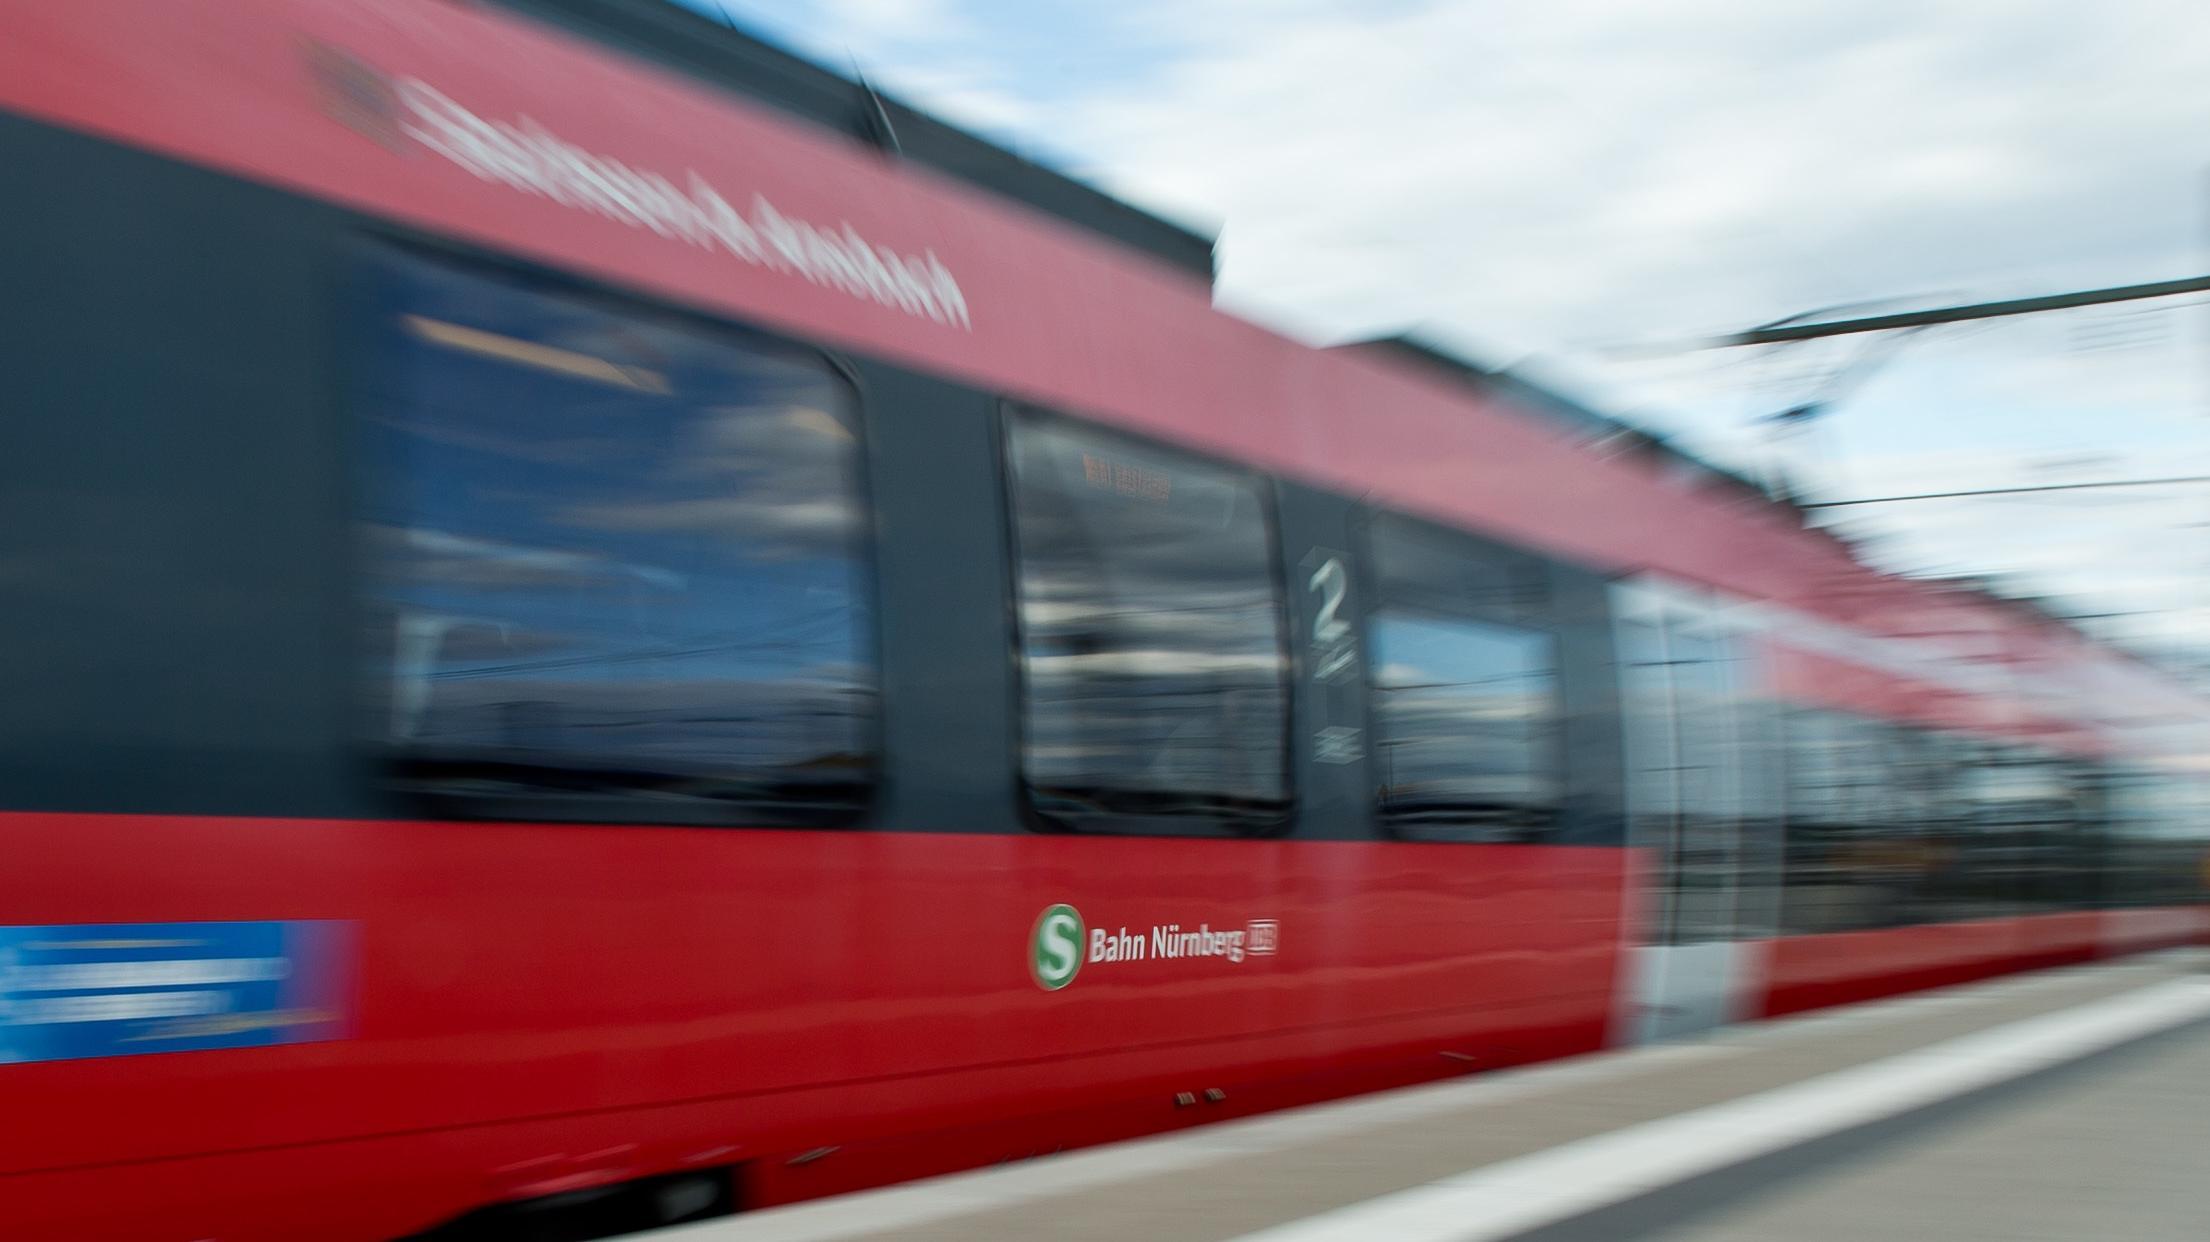 Vorbeifahrende S-Bahn Nürnberg